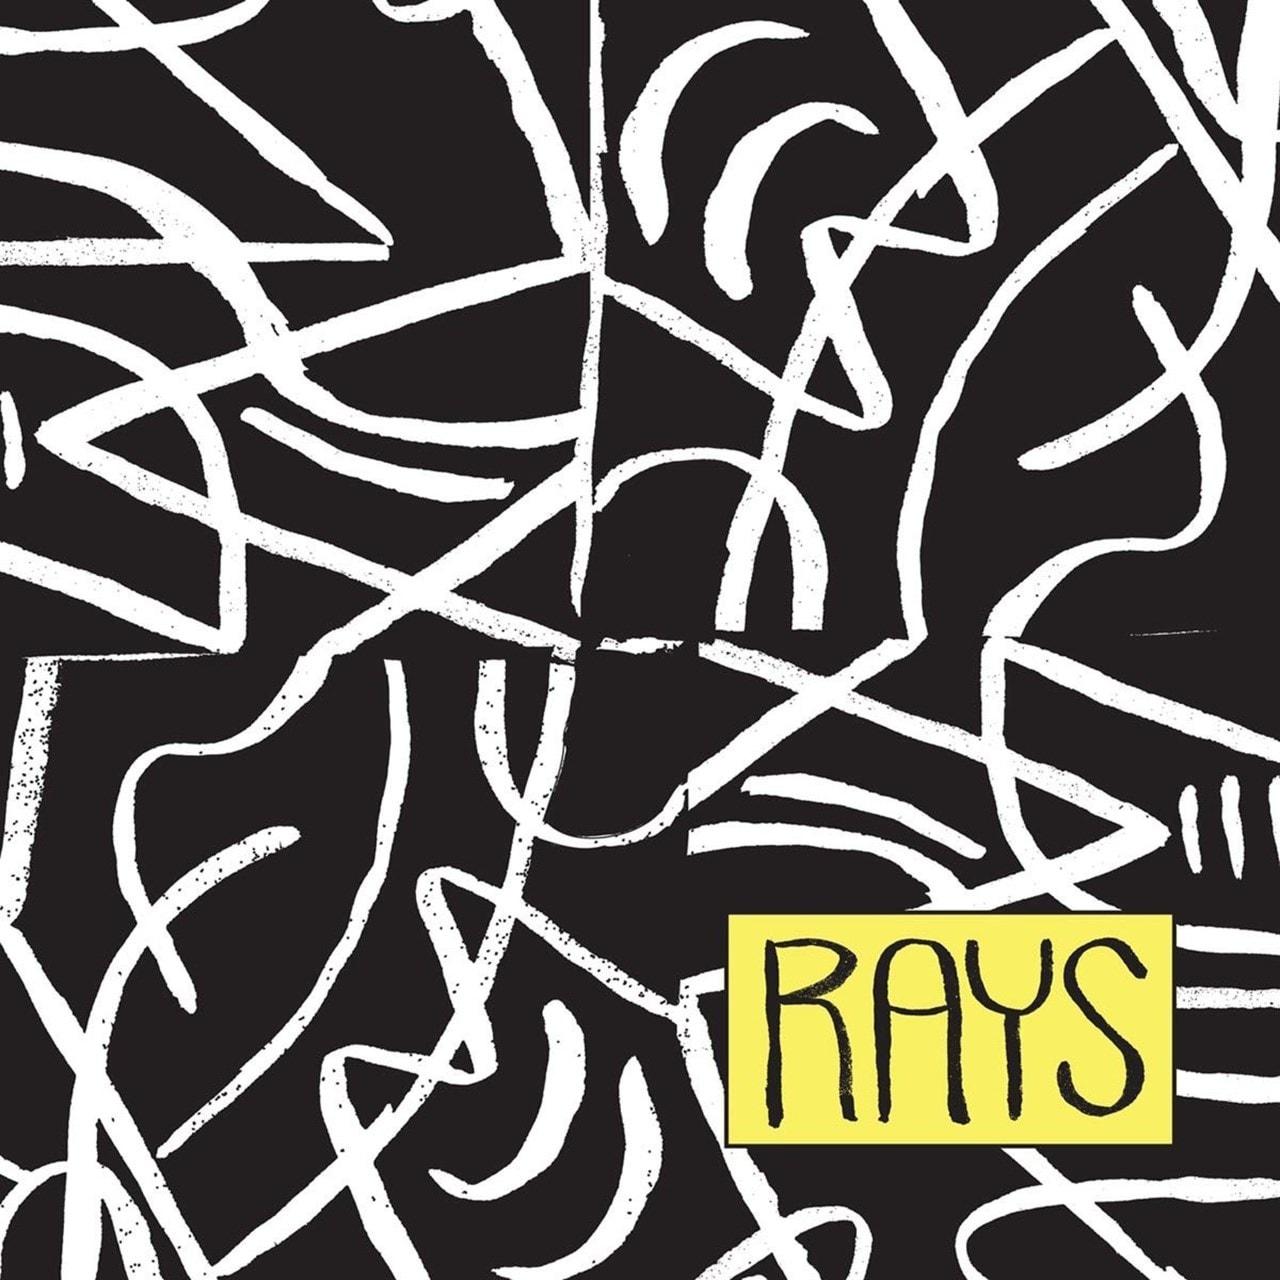 Rays - 1